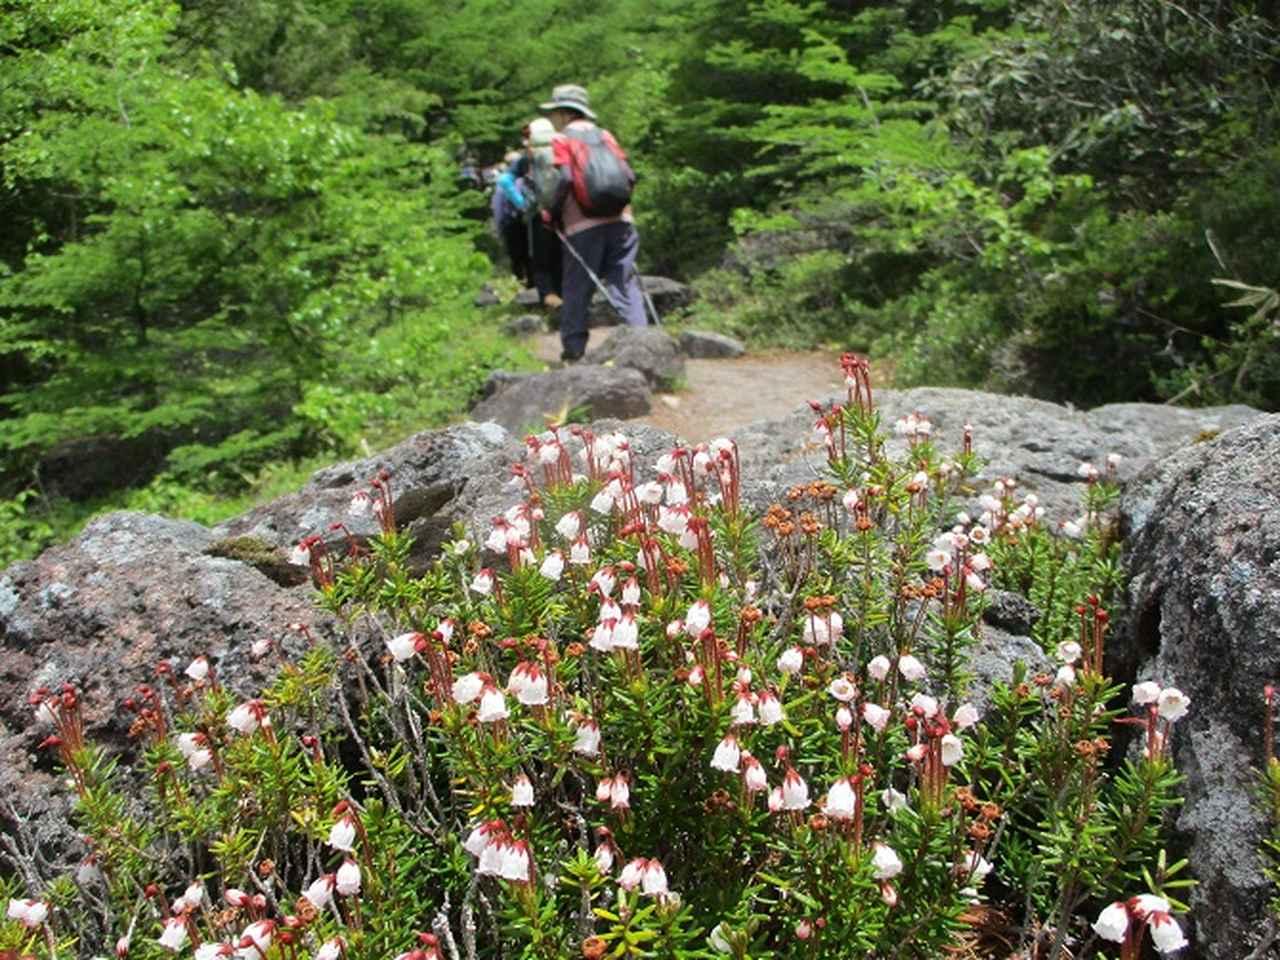 画像4: 【山旅会・登山ガイドこだわりツアー】添乗員からの便り・水ノ塔山から東篭ノ登山ツアーに行ってきました!